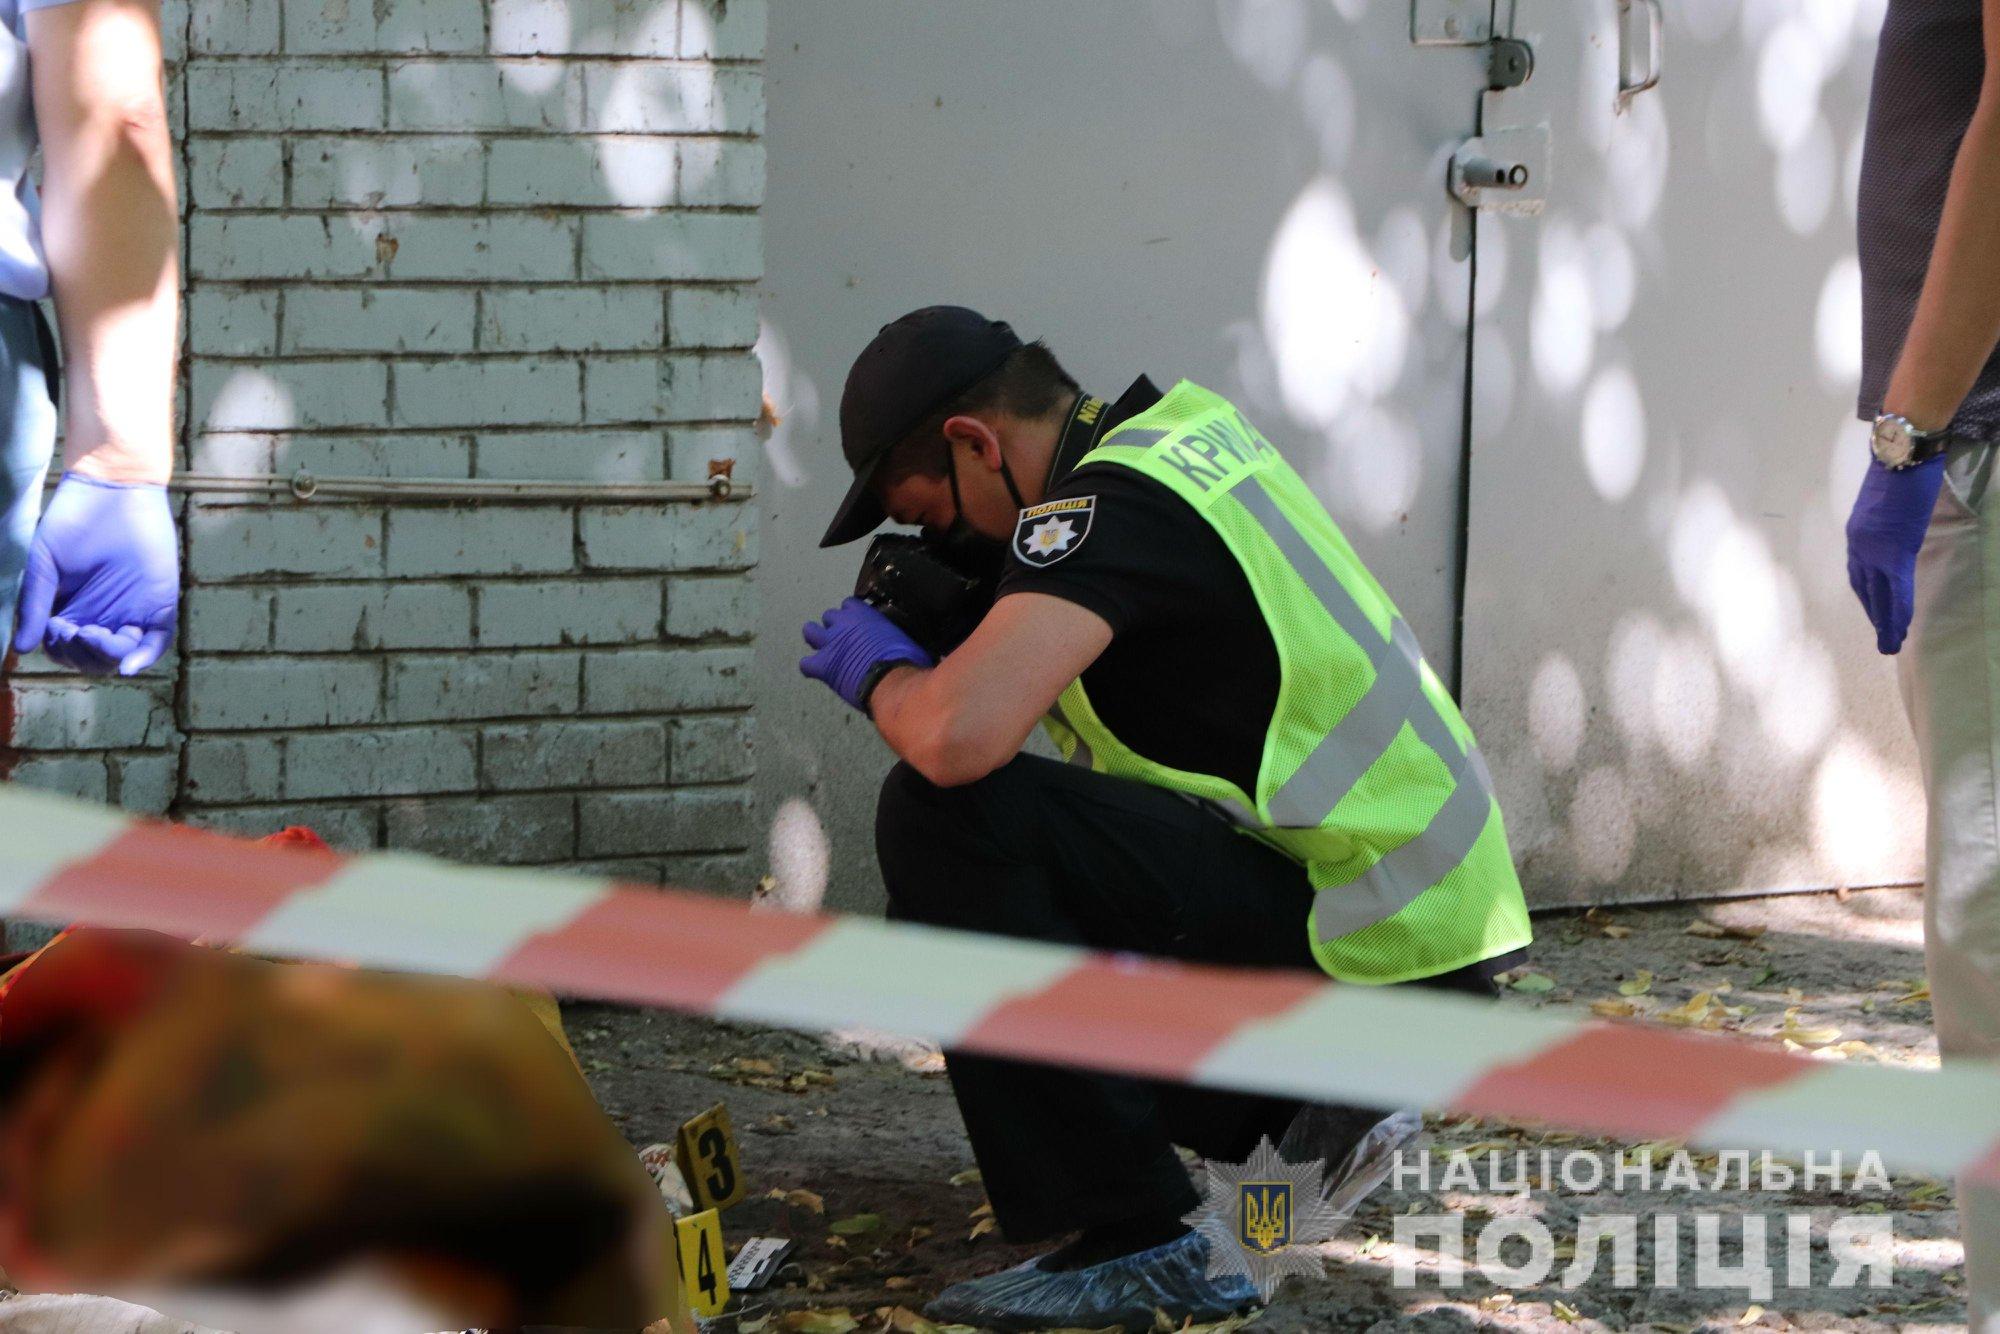 В Харькове найден труп человека, завернутый в ковер (фото)